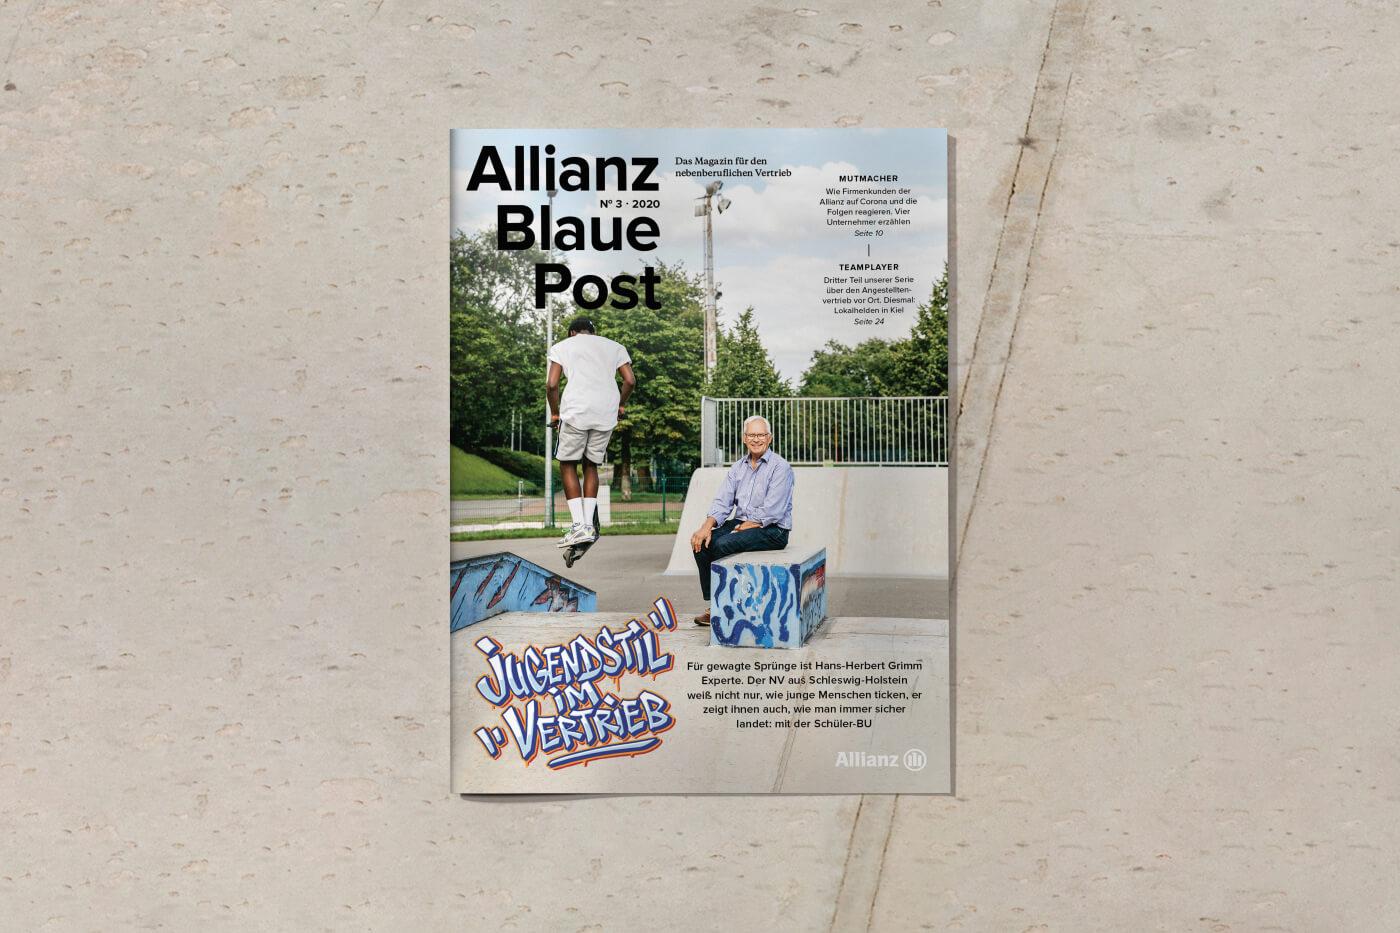 Allianz-BlauePost-Berufsunfaehigkeit-Cover-1400